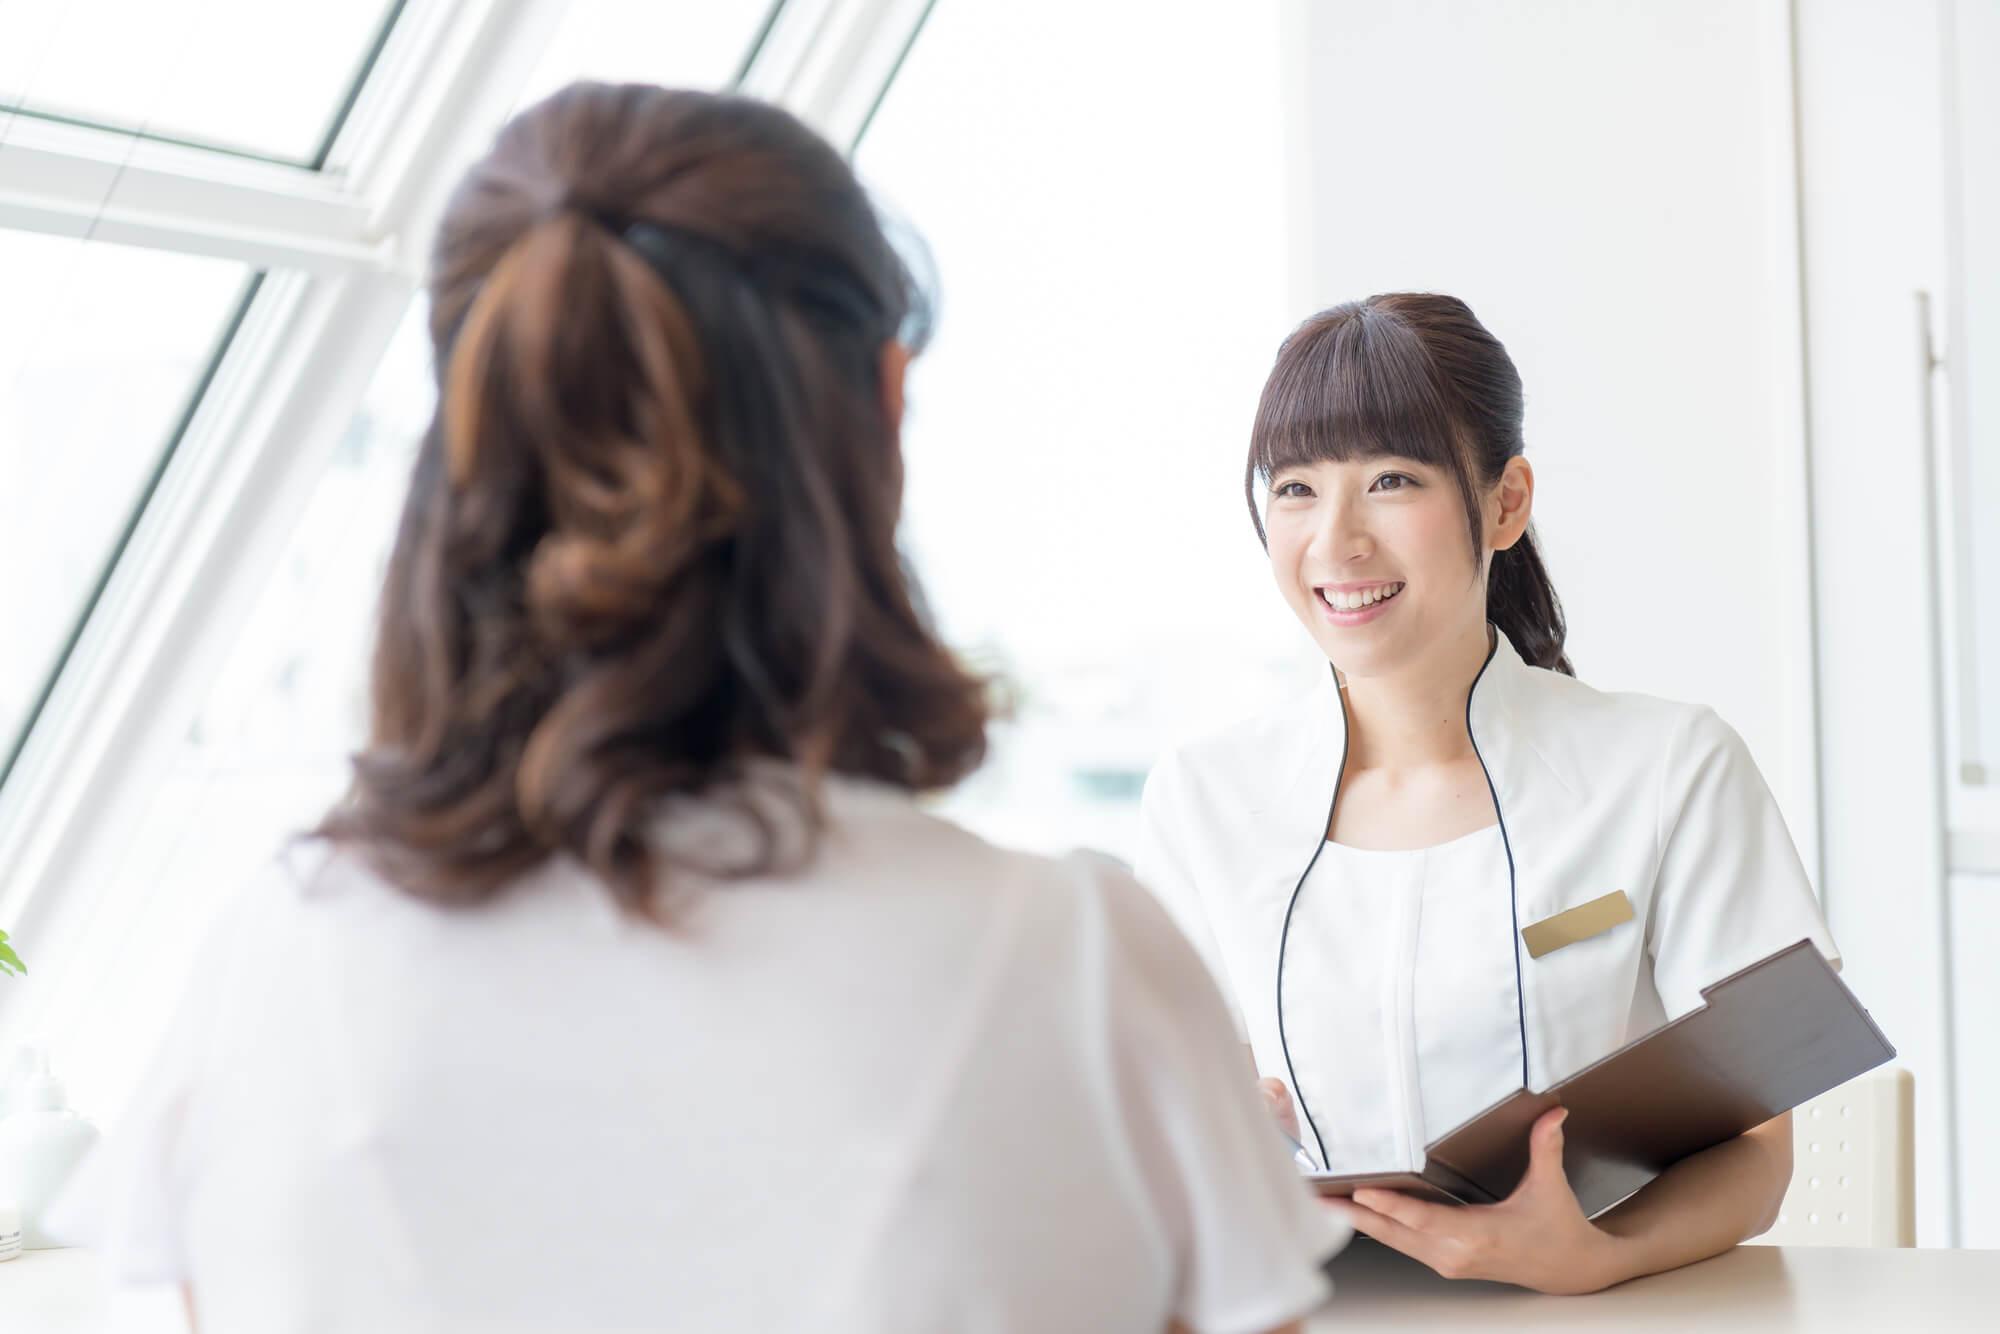 女性クライアントから質問を受け回答する女性カウンセラー